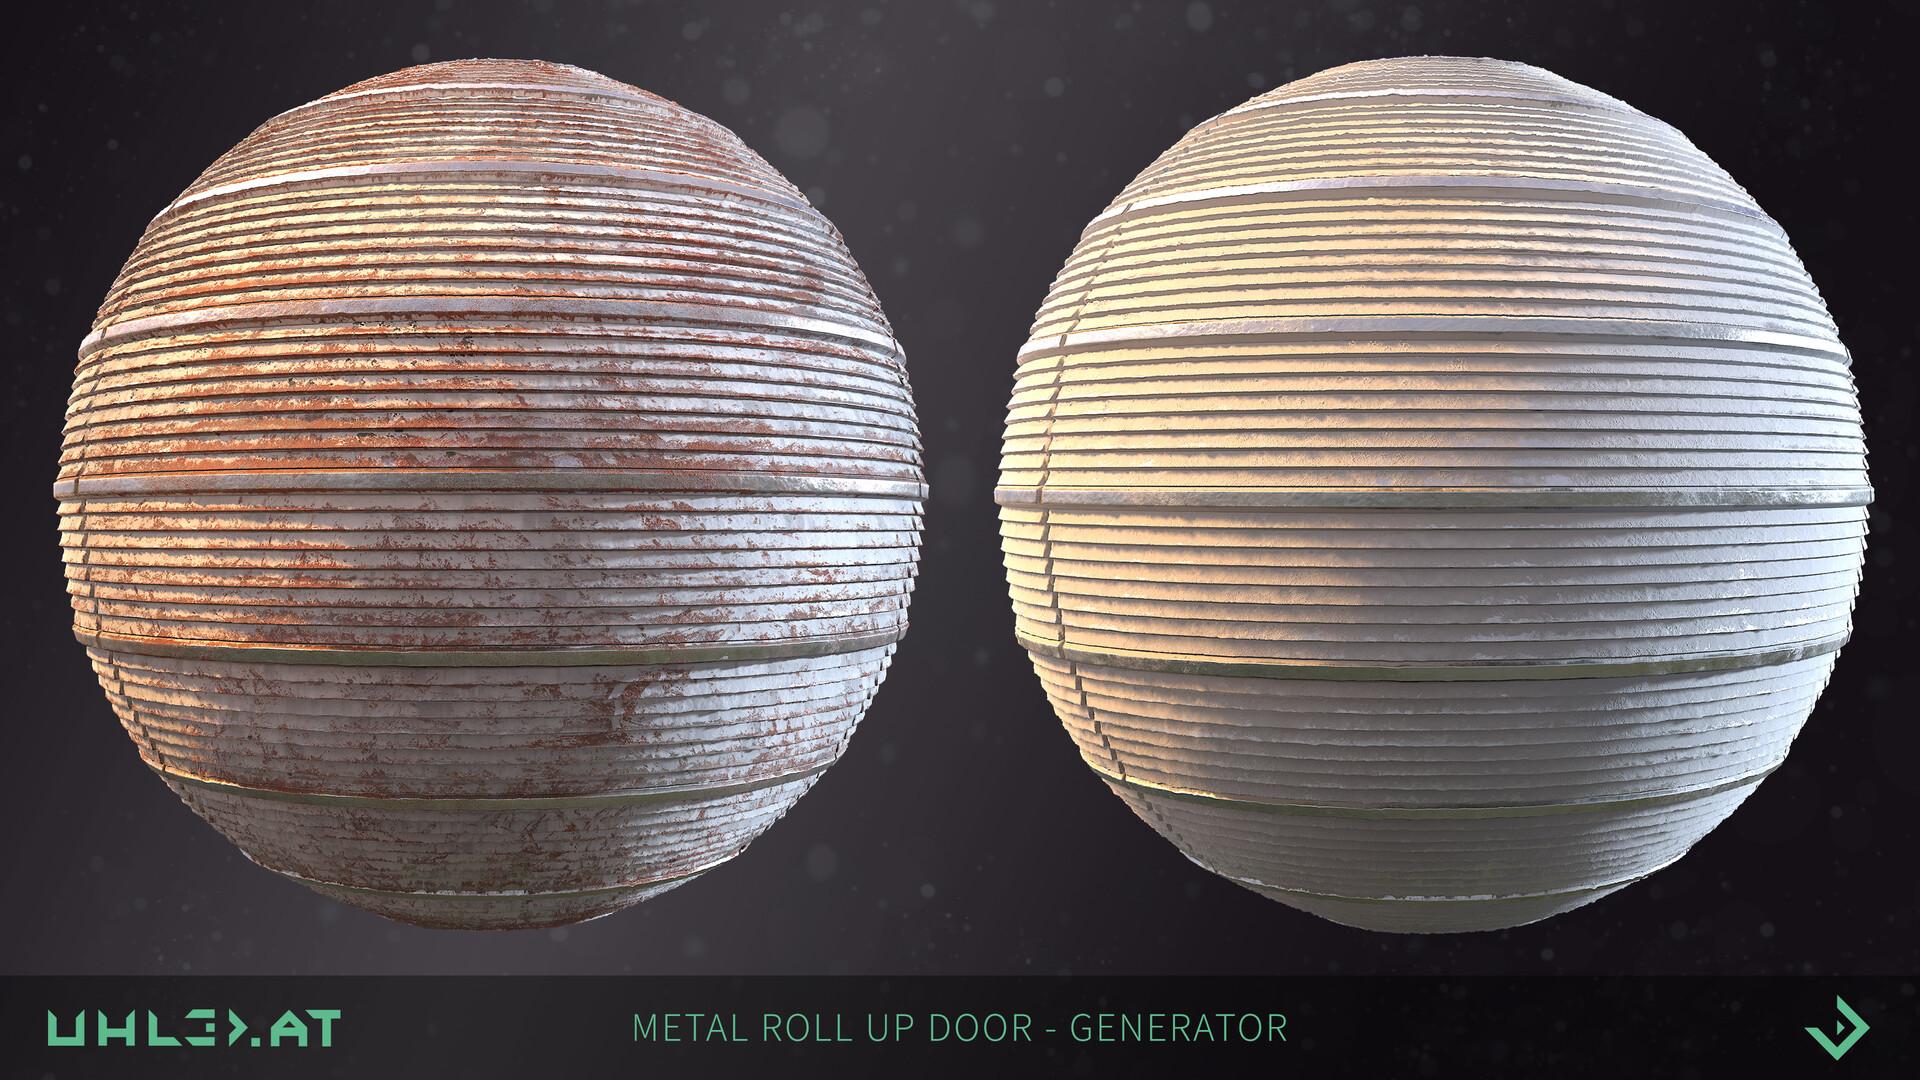 Dominik uhl metal rollup generator 07